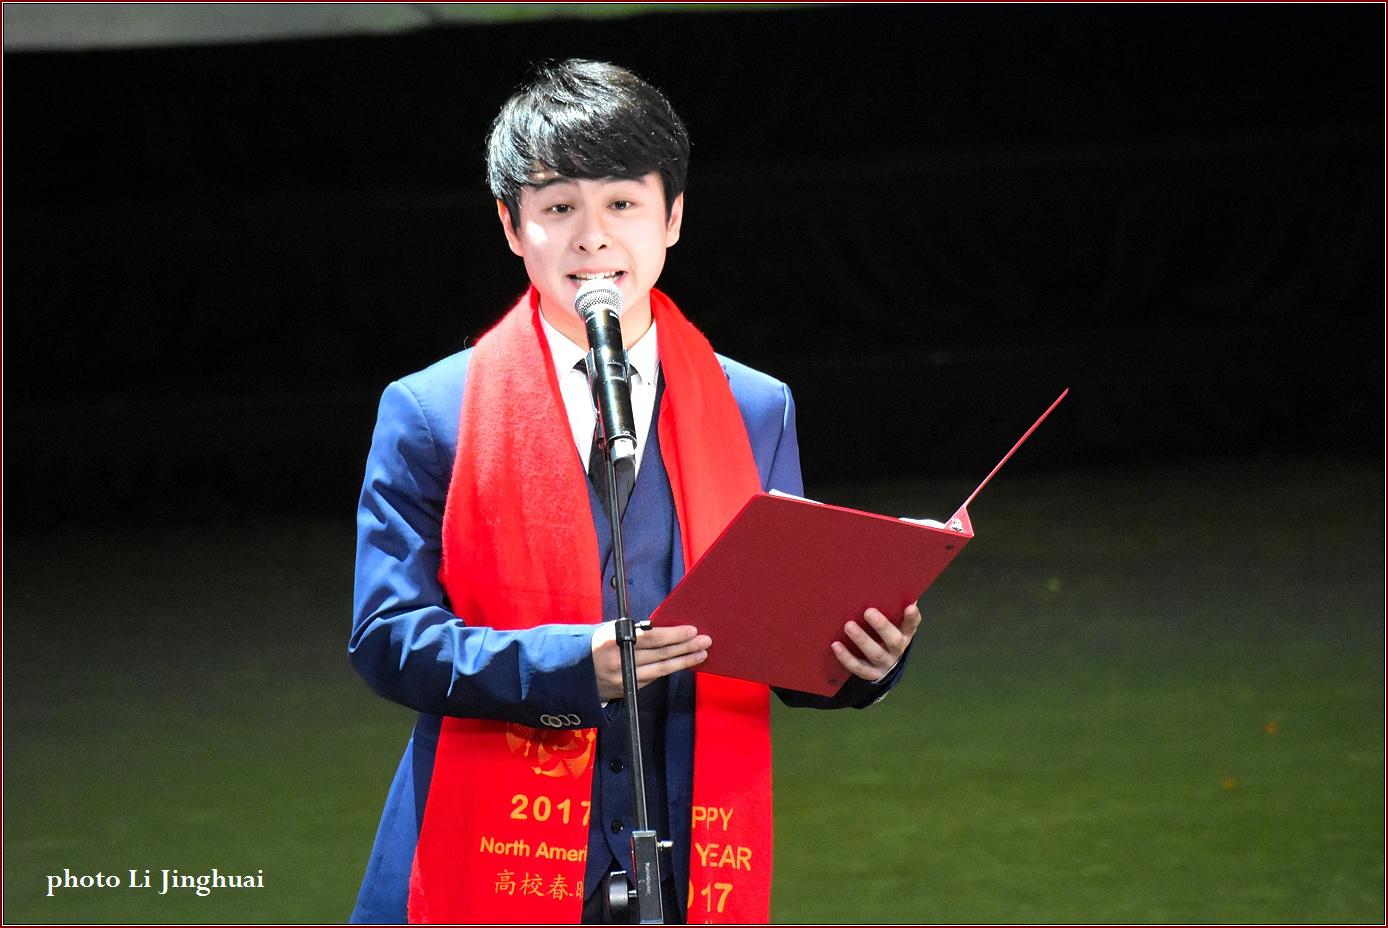 2017北美高校大型春节晚会_图1-7